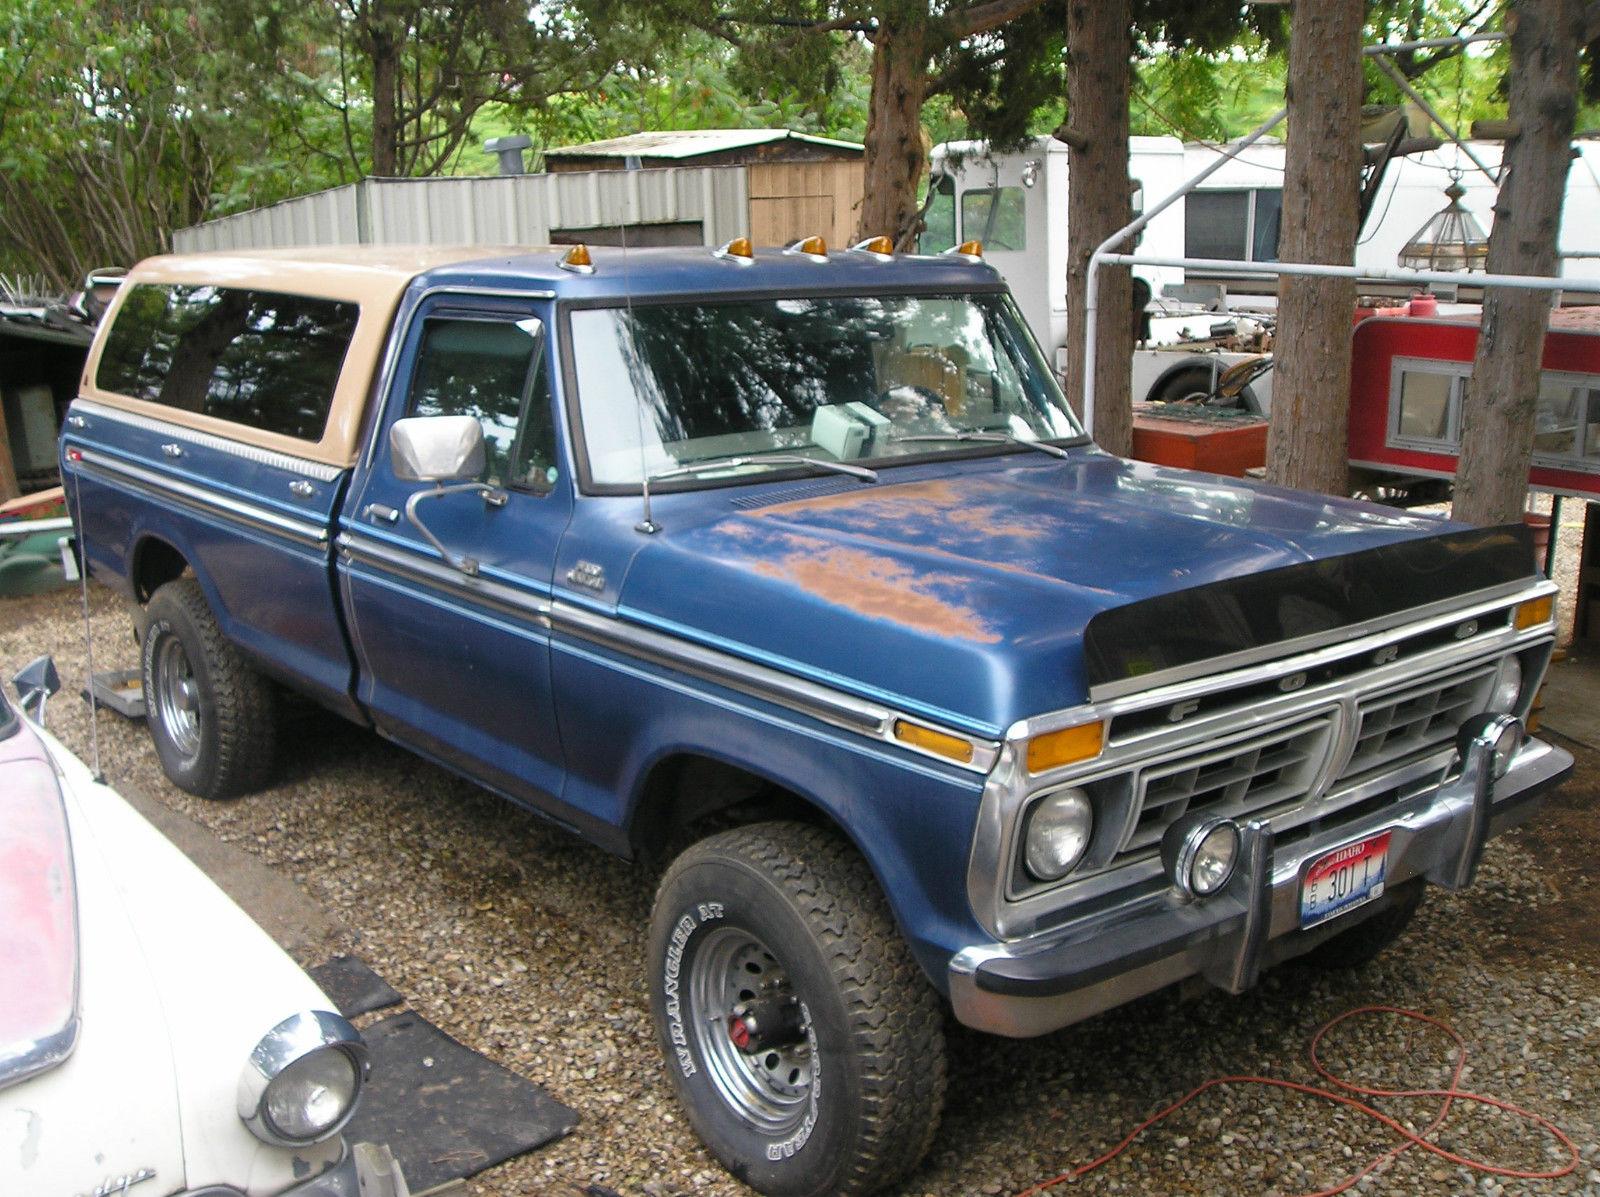 1977 ford f250 highboy blue 4spd. Black Bedroom Furniture Sets. Home Design Ideas